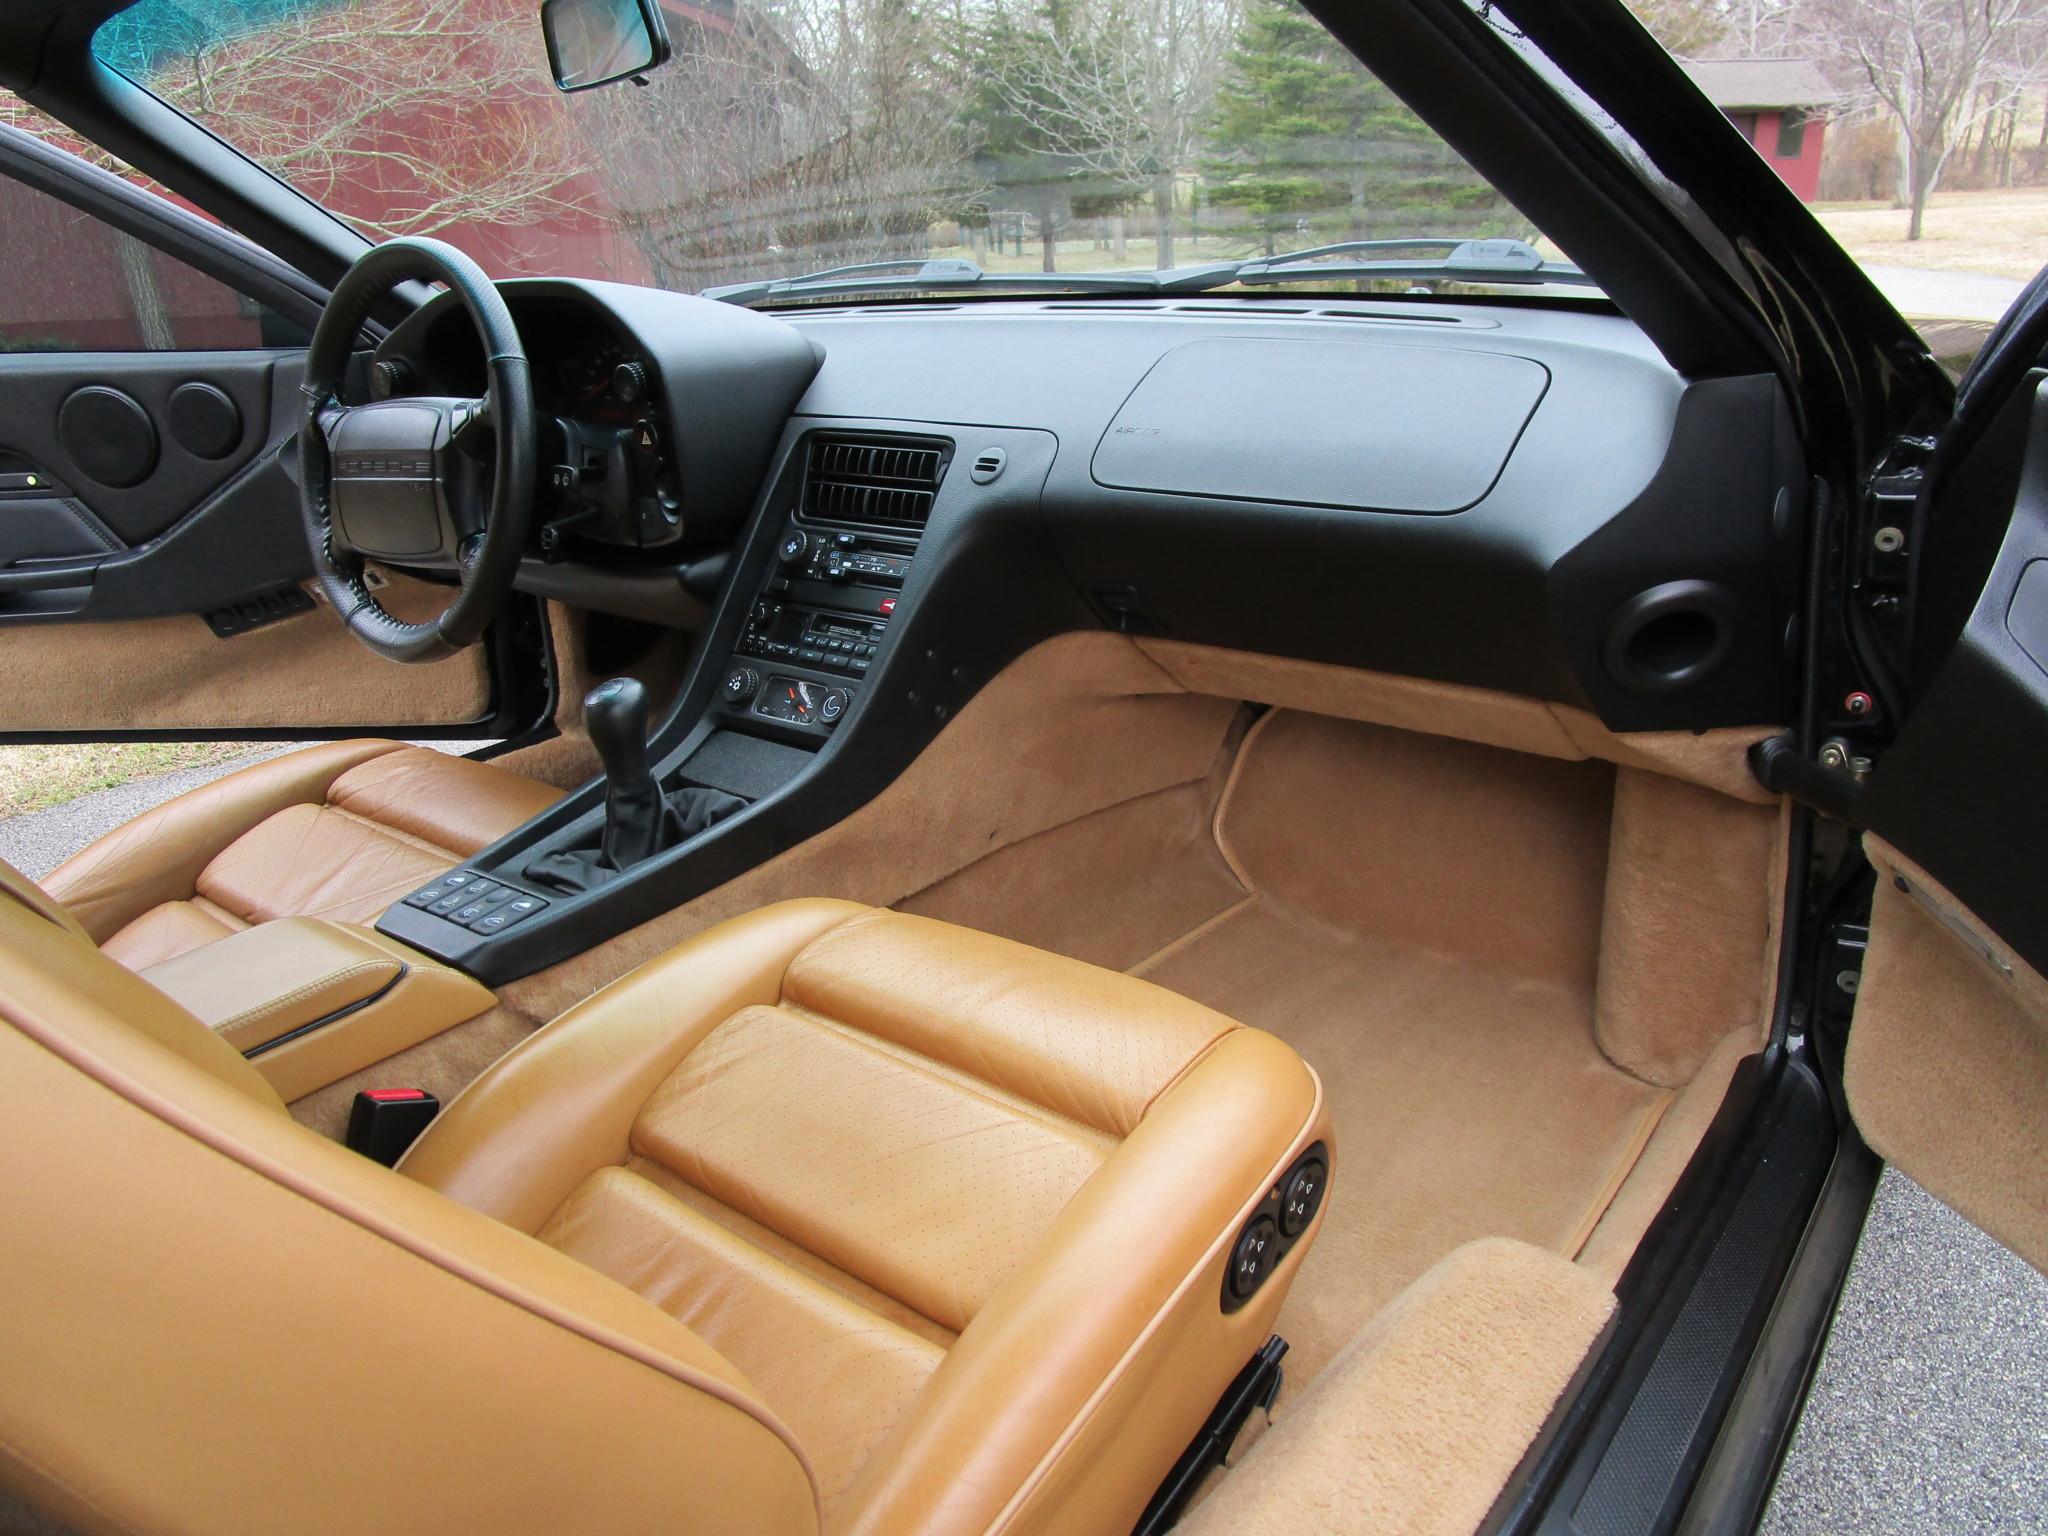 1995 Porsche 928 GTS 5-Speed Interior